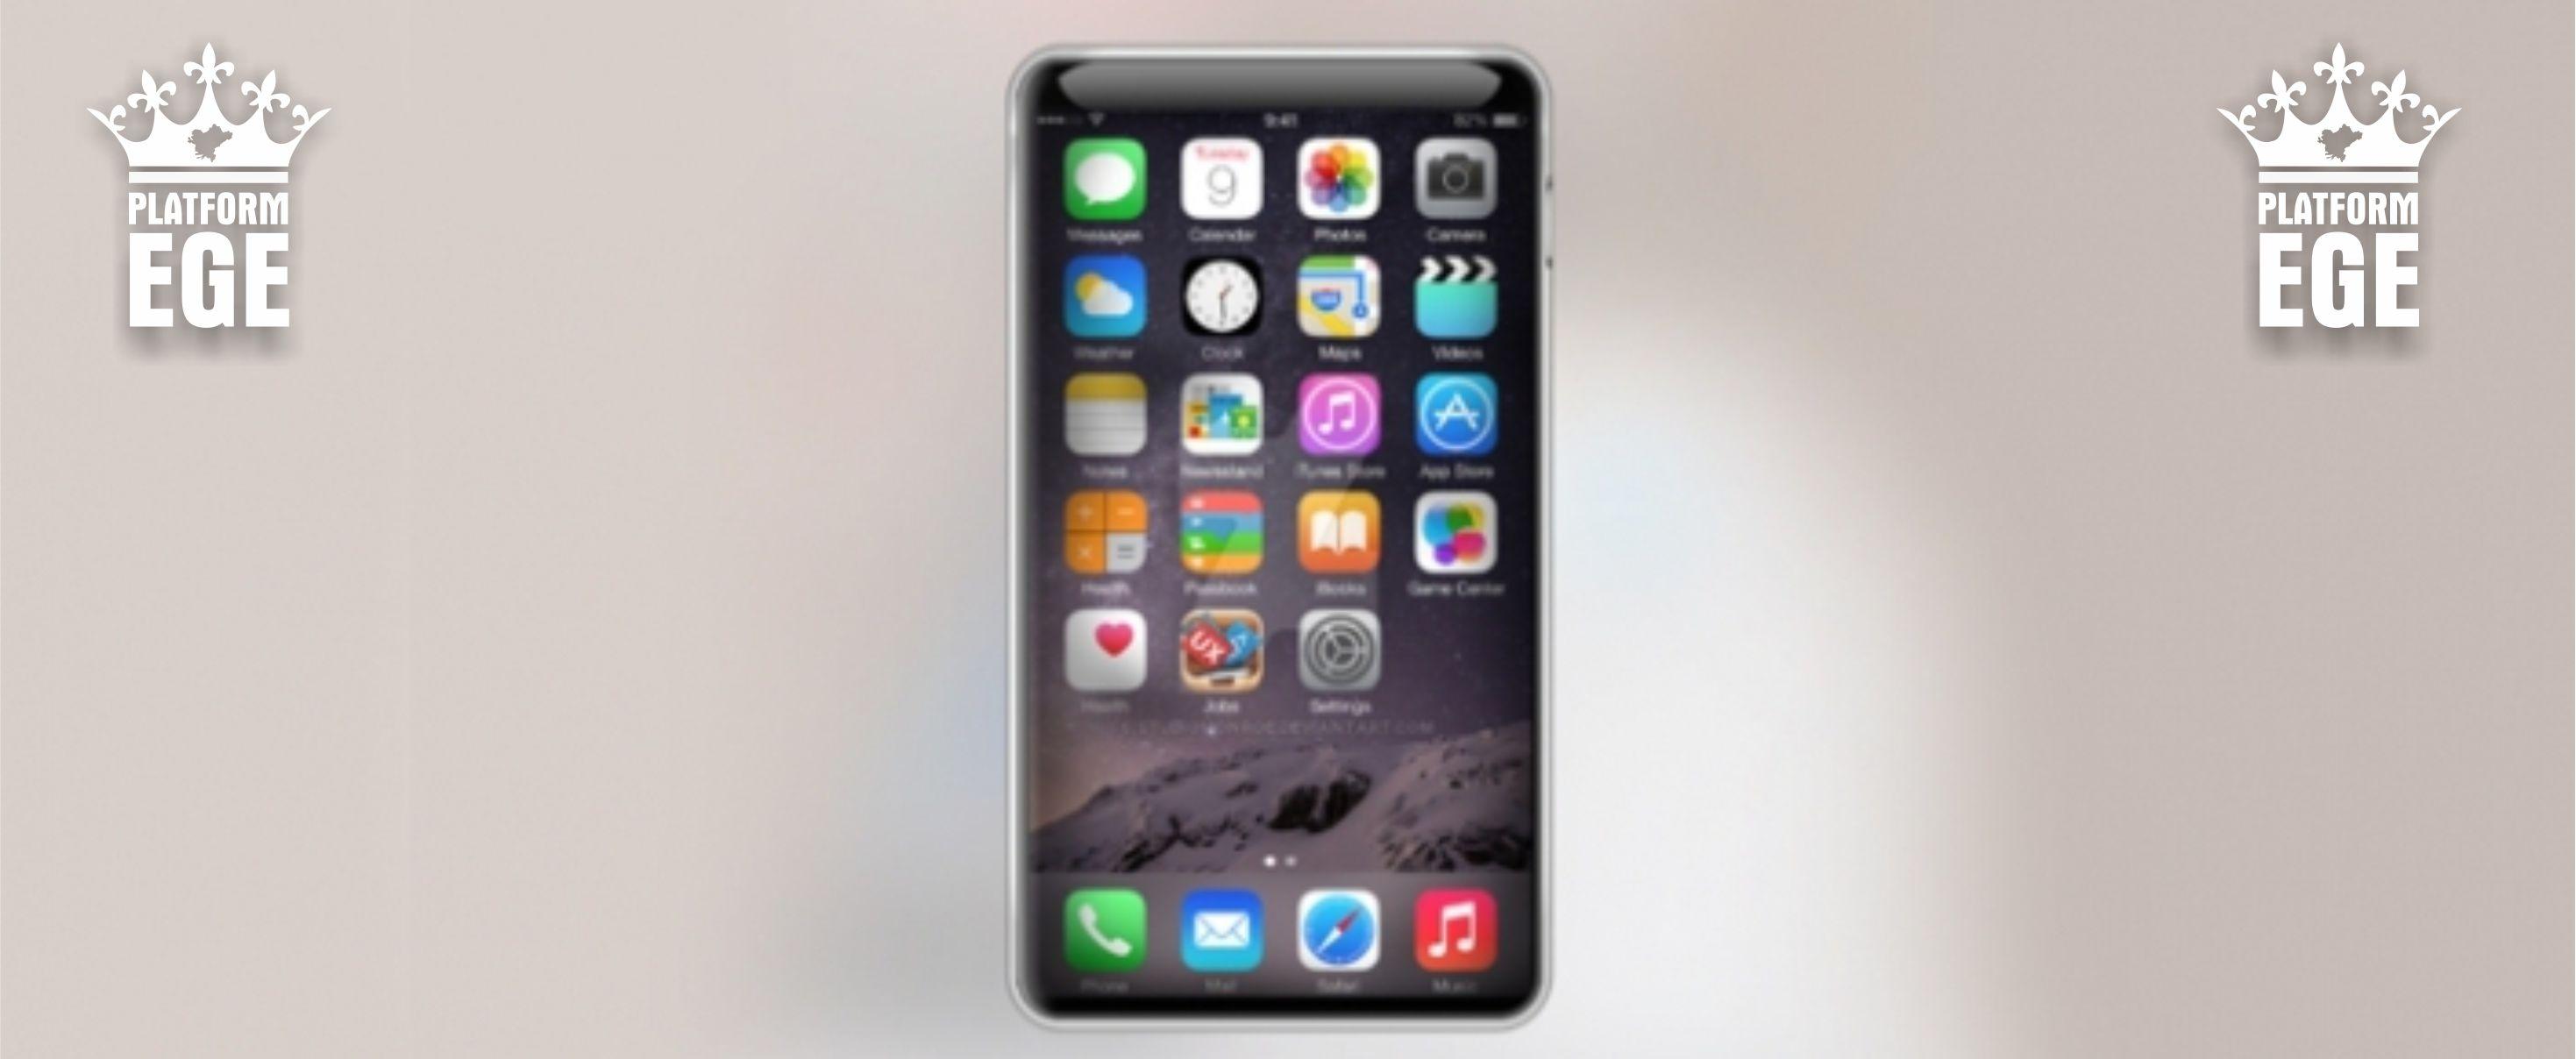 iphone-6s-ve-6s-plus-in-ekranlarinin-hangi-cozunurlukte-olacagi-netlik-kazandi-705x2900